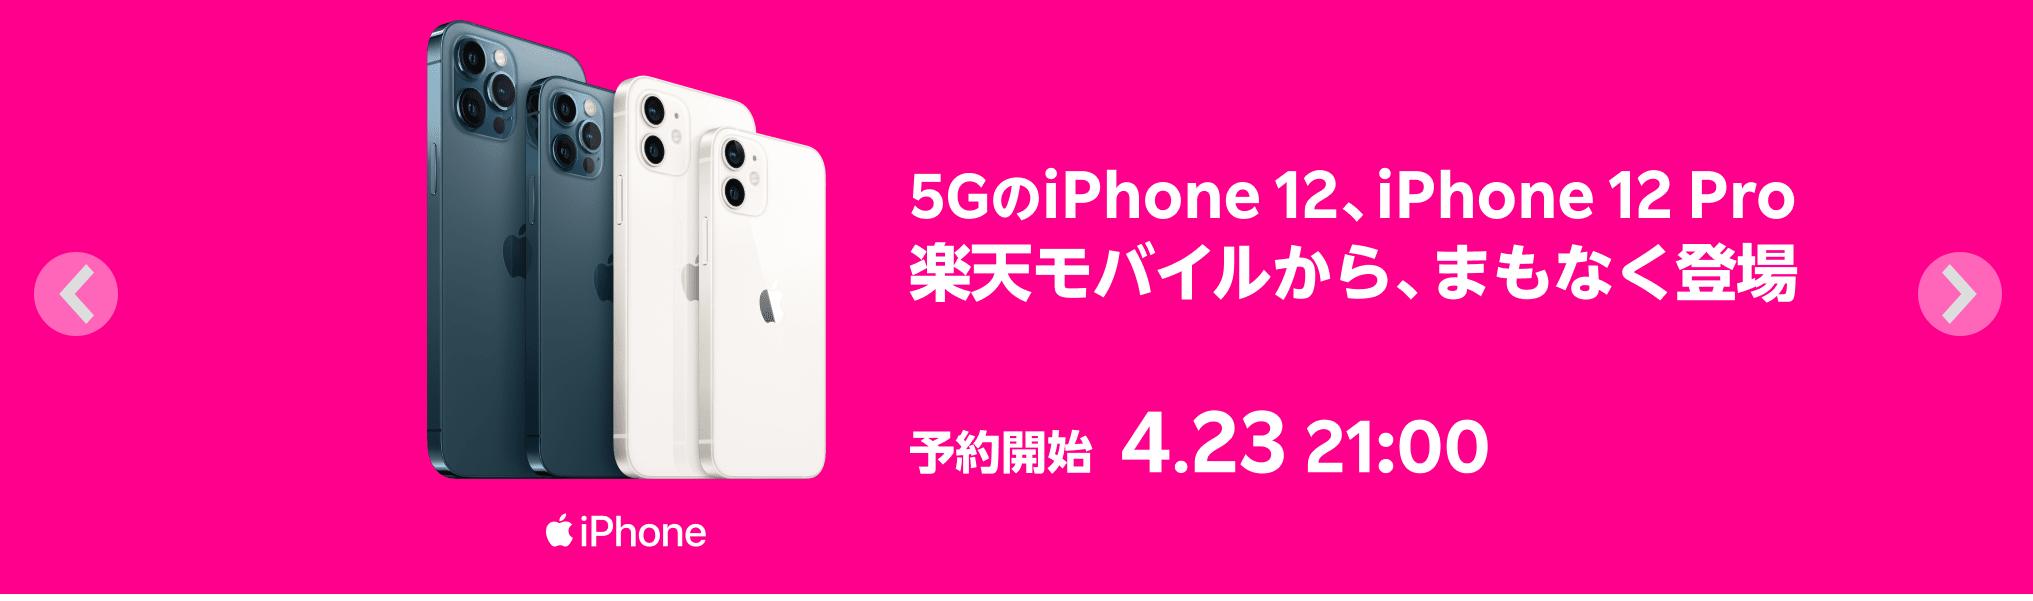 楽天モバイル_評判_iPhon12